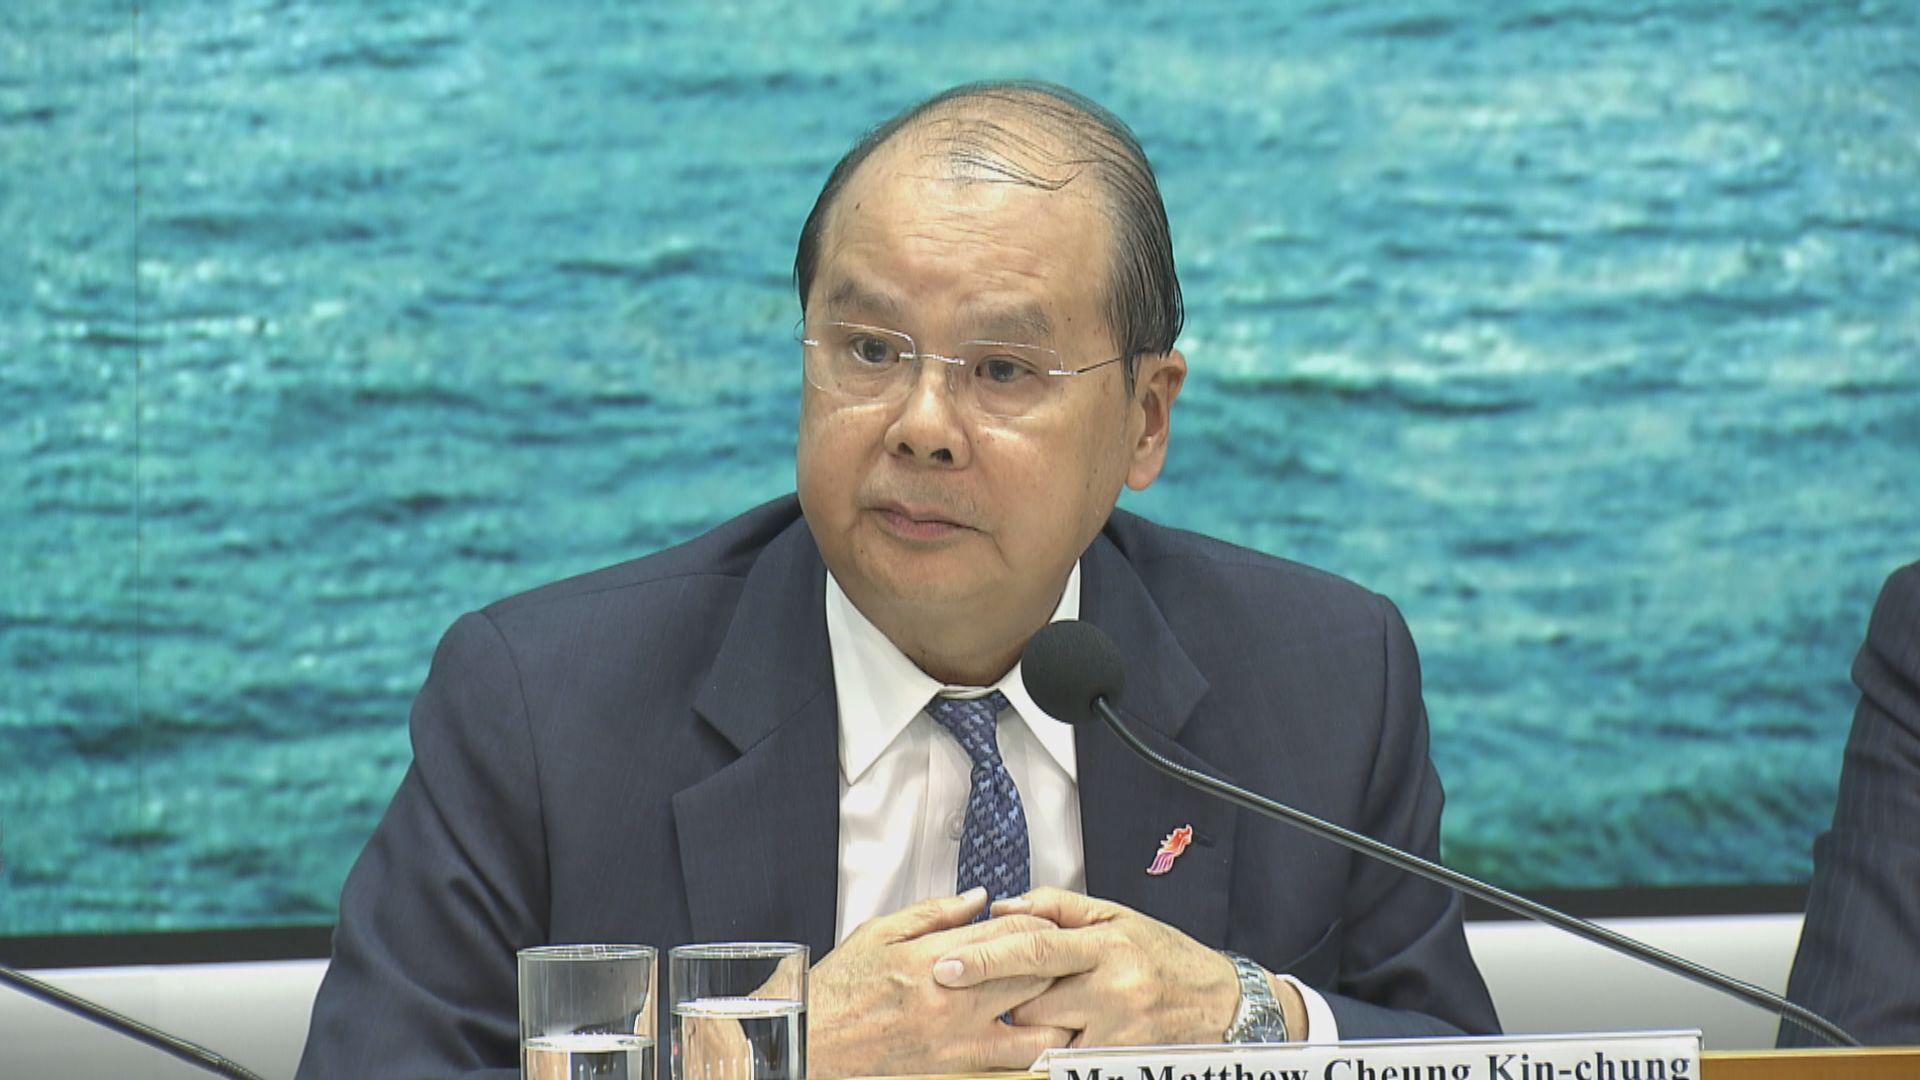 張建宗:籌備選舉挑戰前所未見